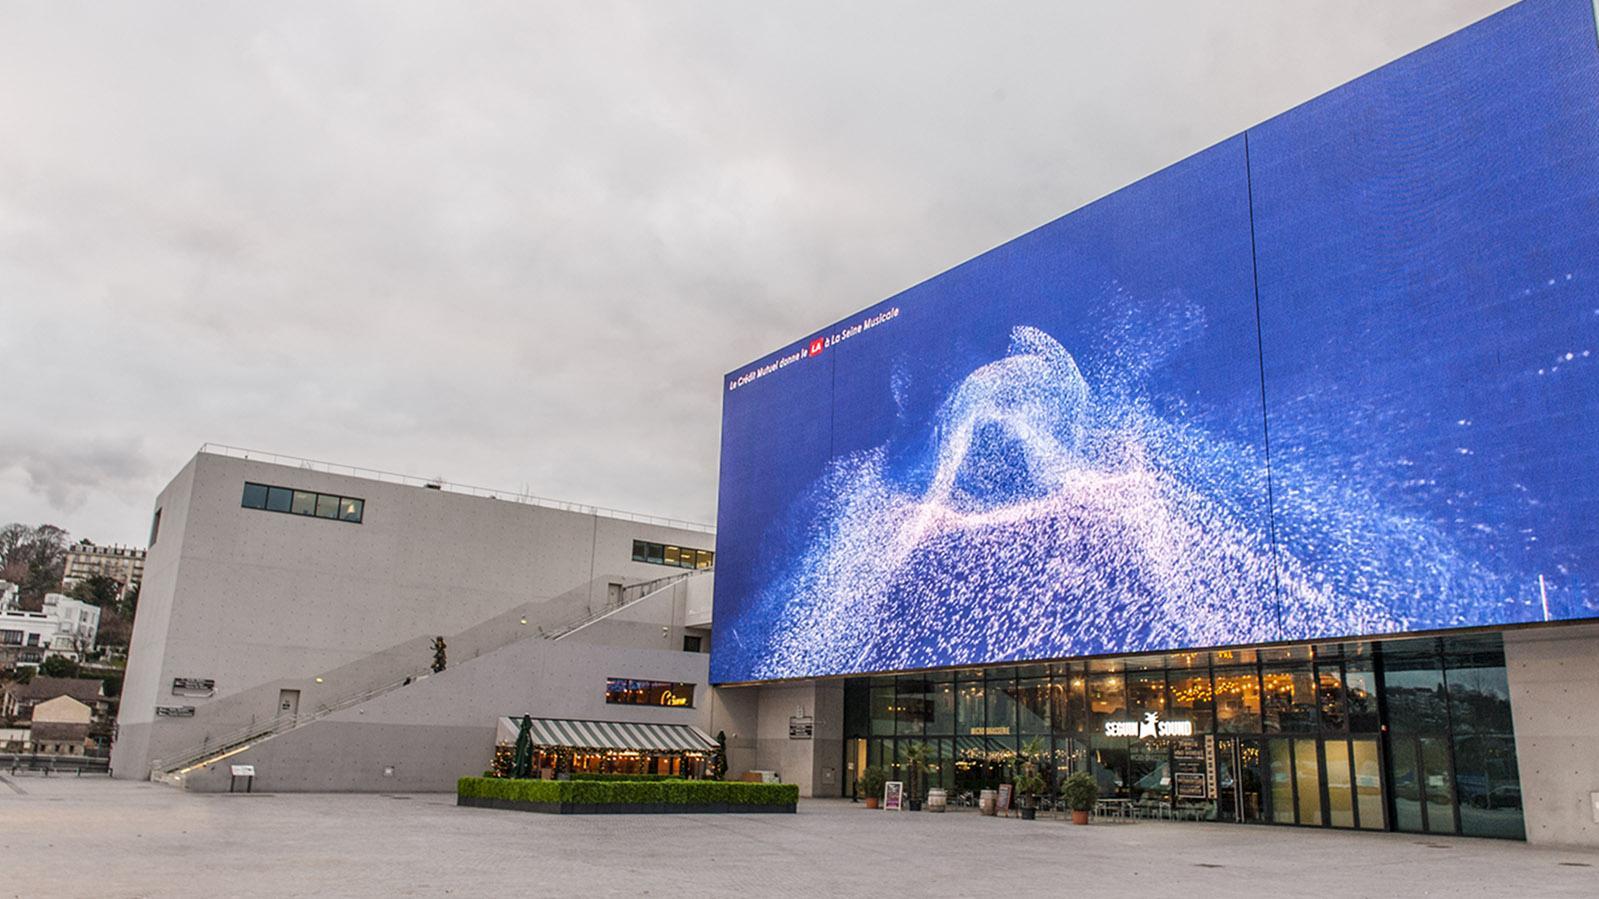 Die große Multimedialeinwand der Seine Musicale. Foto: Hilke Maunder